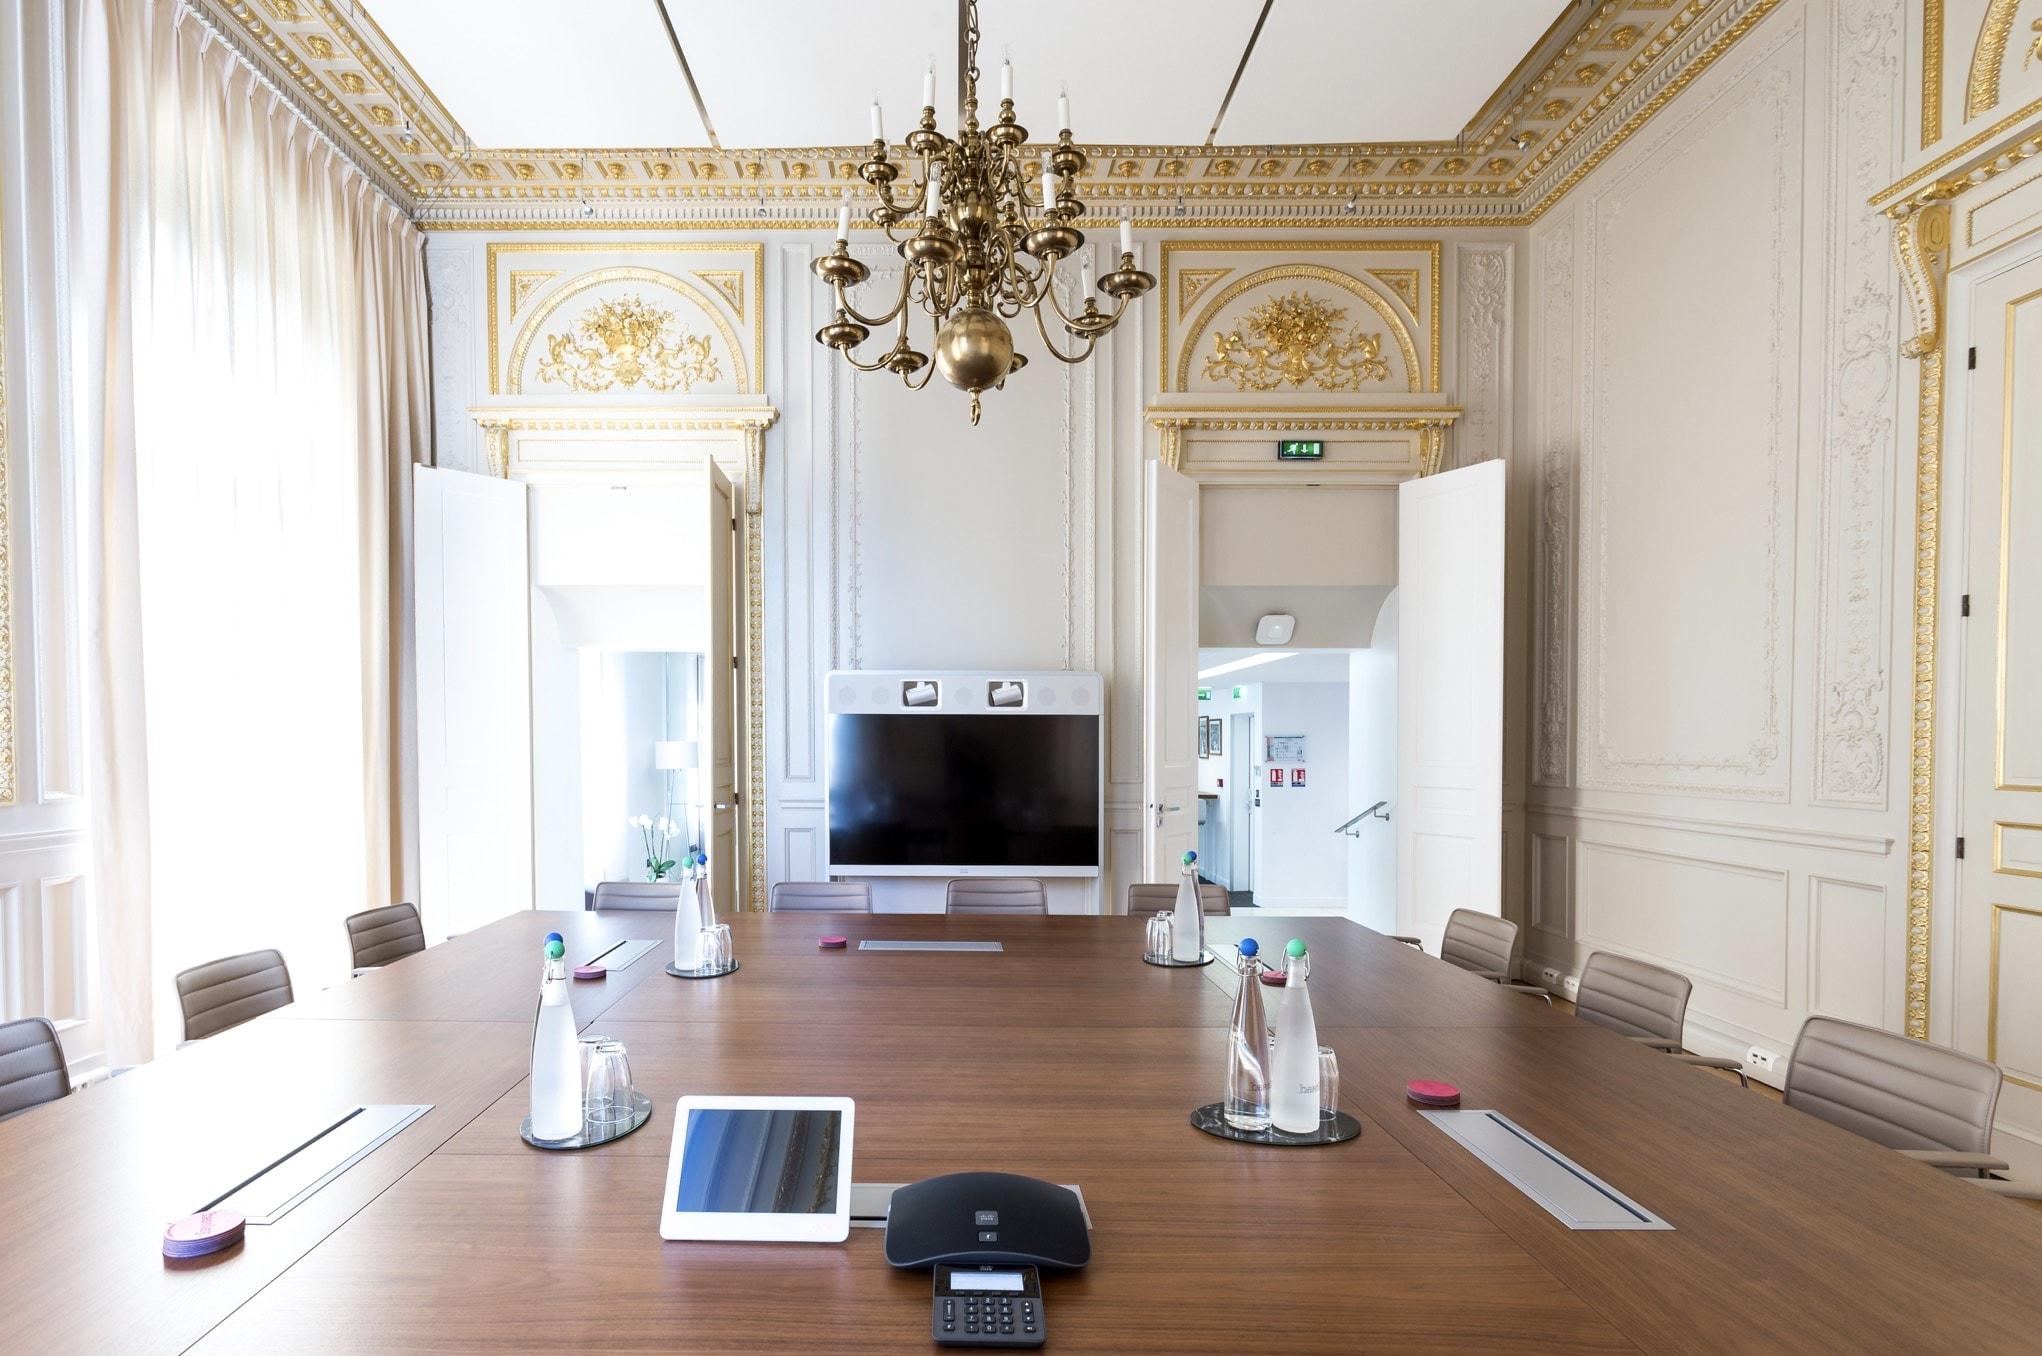 Salle de réunion majestueuse